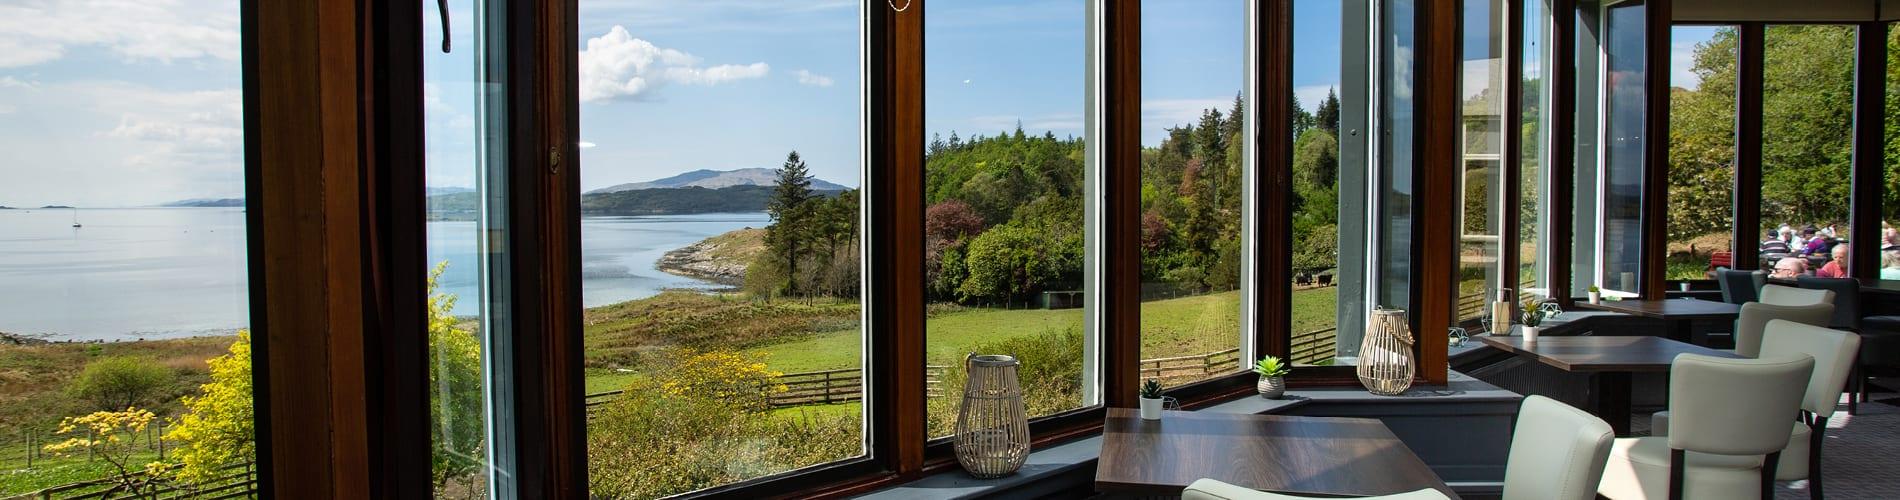 Dining at Loch Melfort Hotel